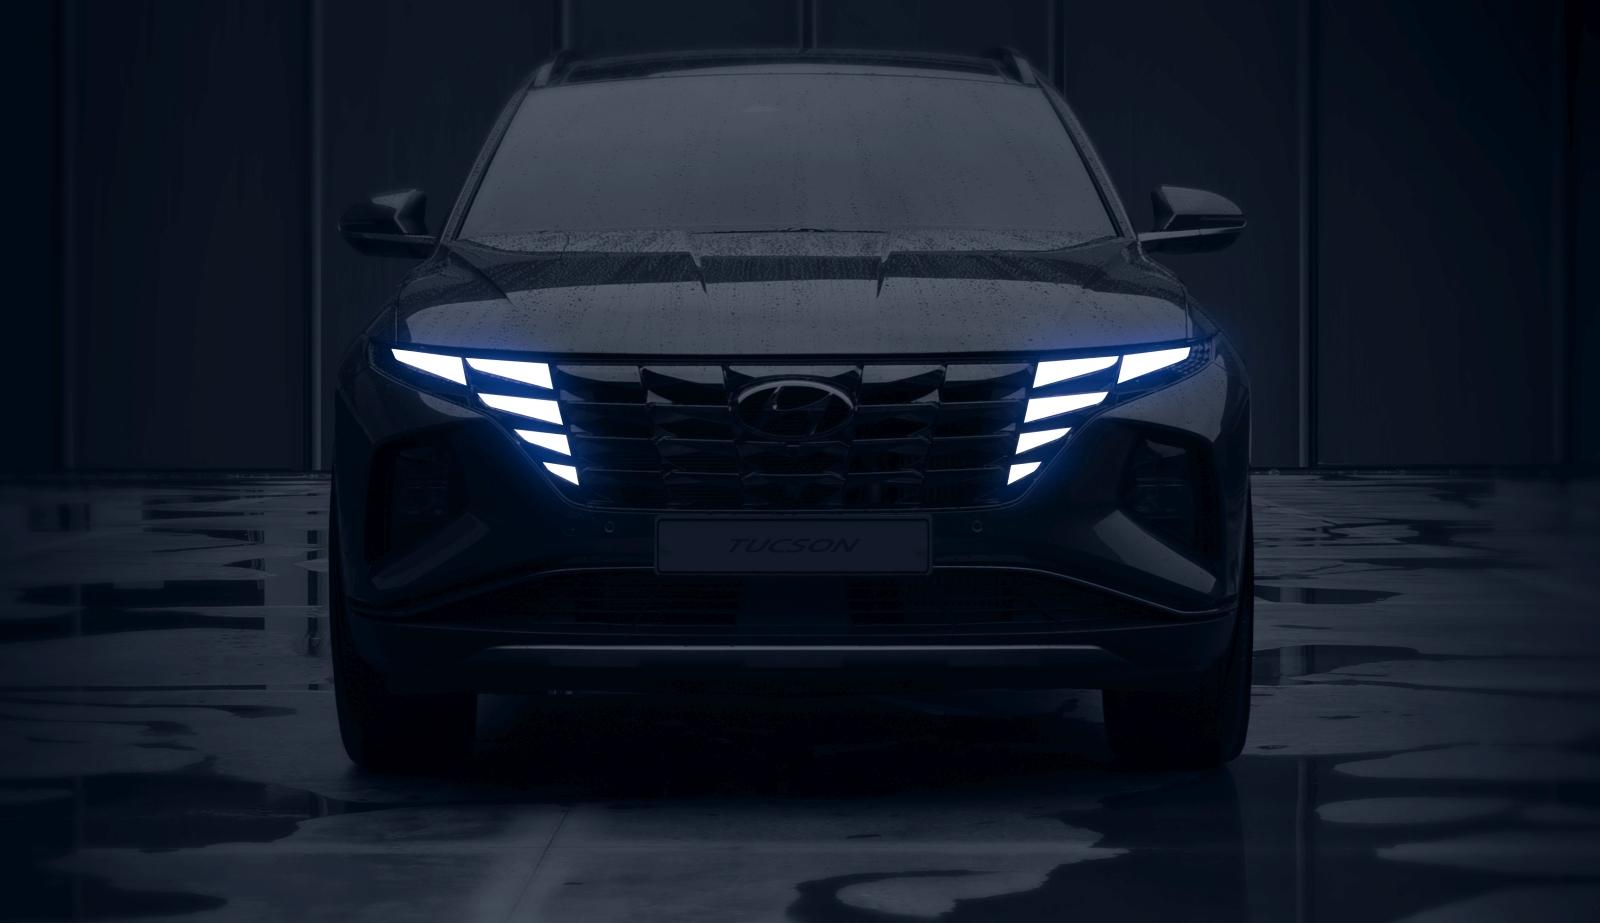 HyundaiTucsonAddsRevolutionaryRedesign 1